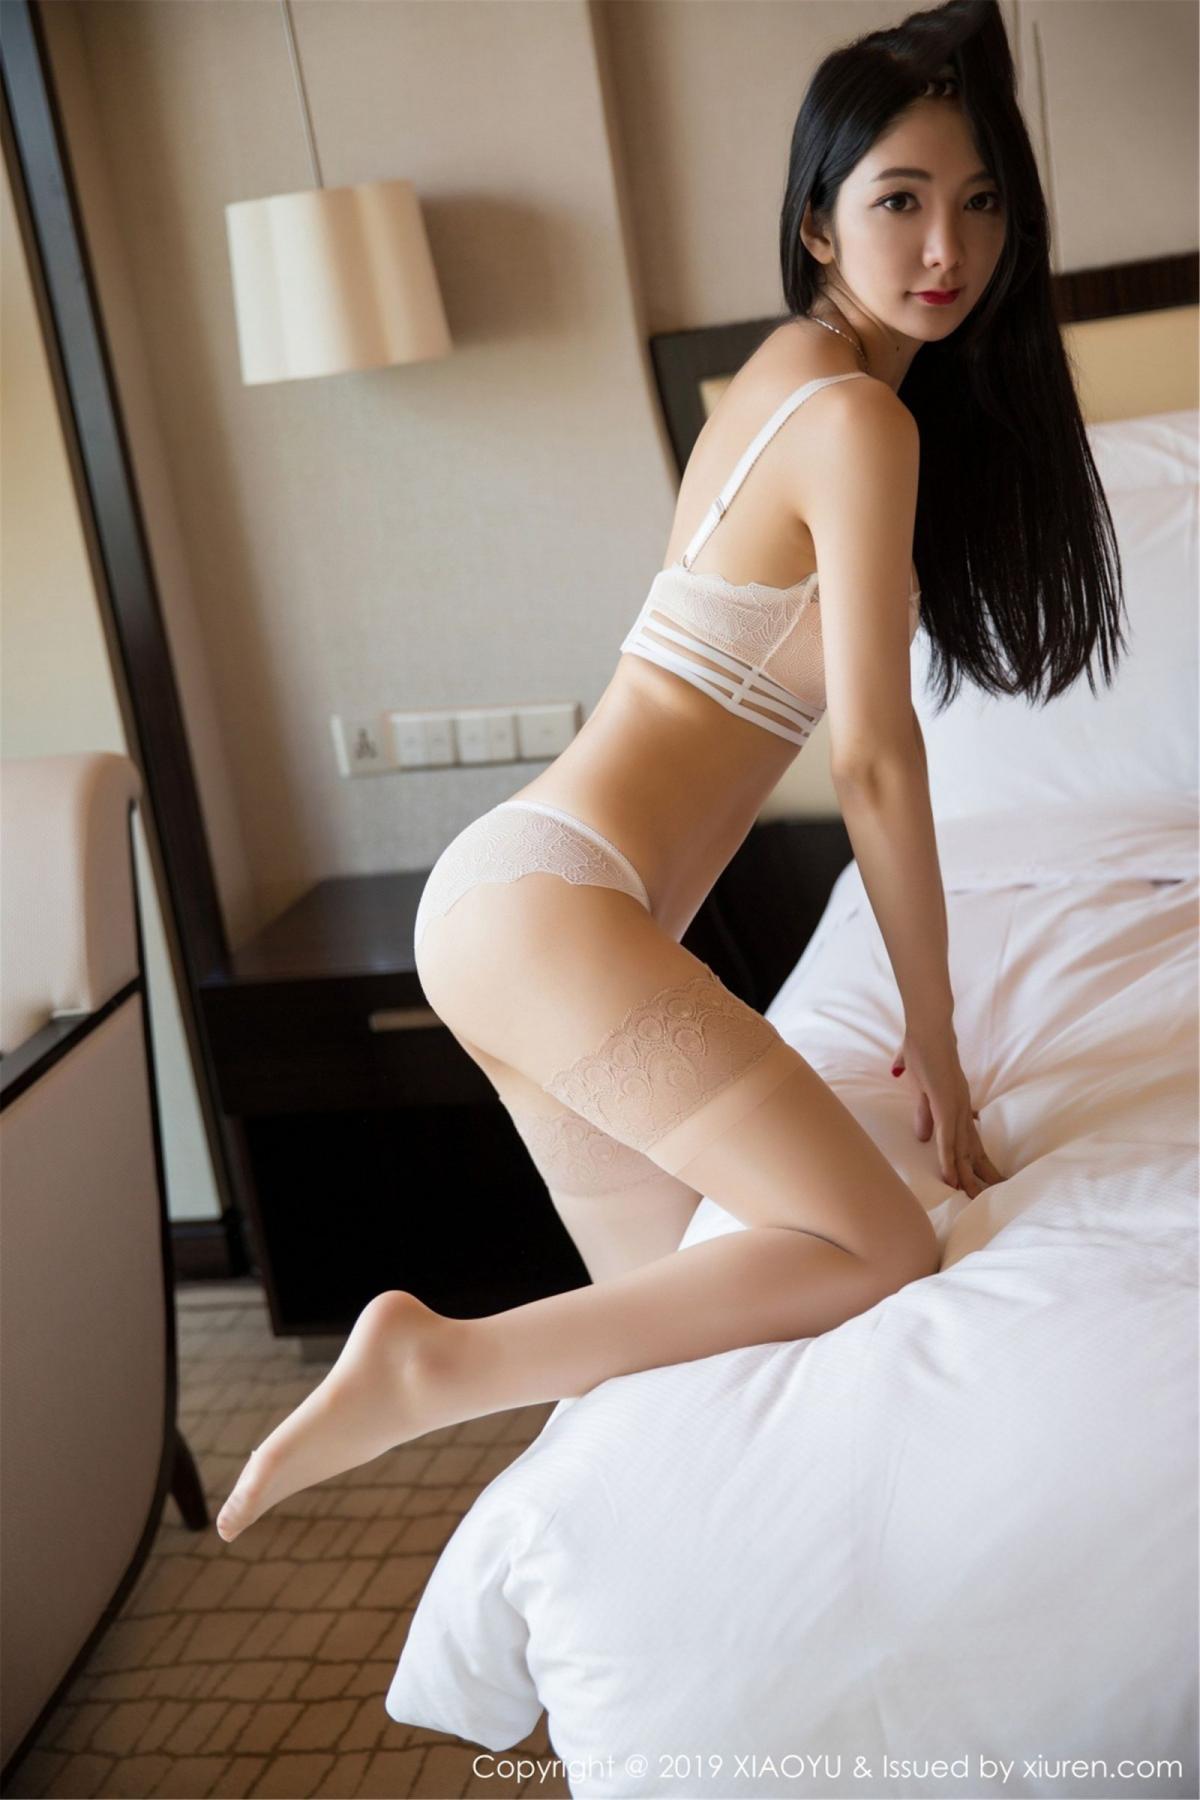 [XiaoYu] Vol.052 desertrmb 18P, Di Yi, Foot, Underwear, XiaoYu